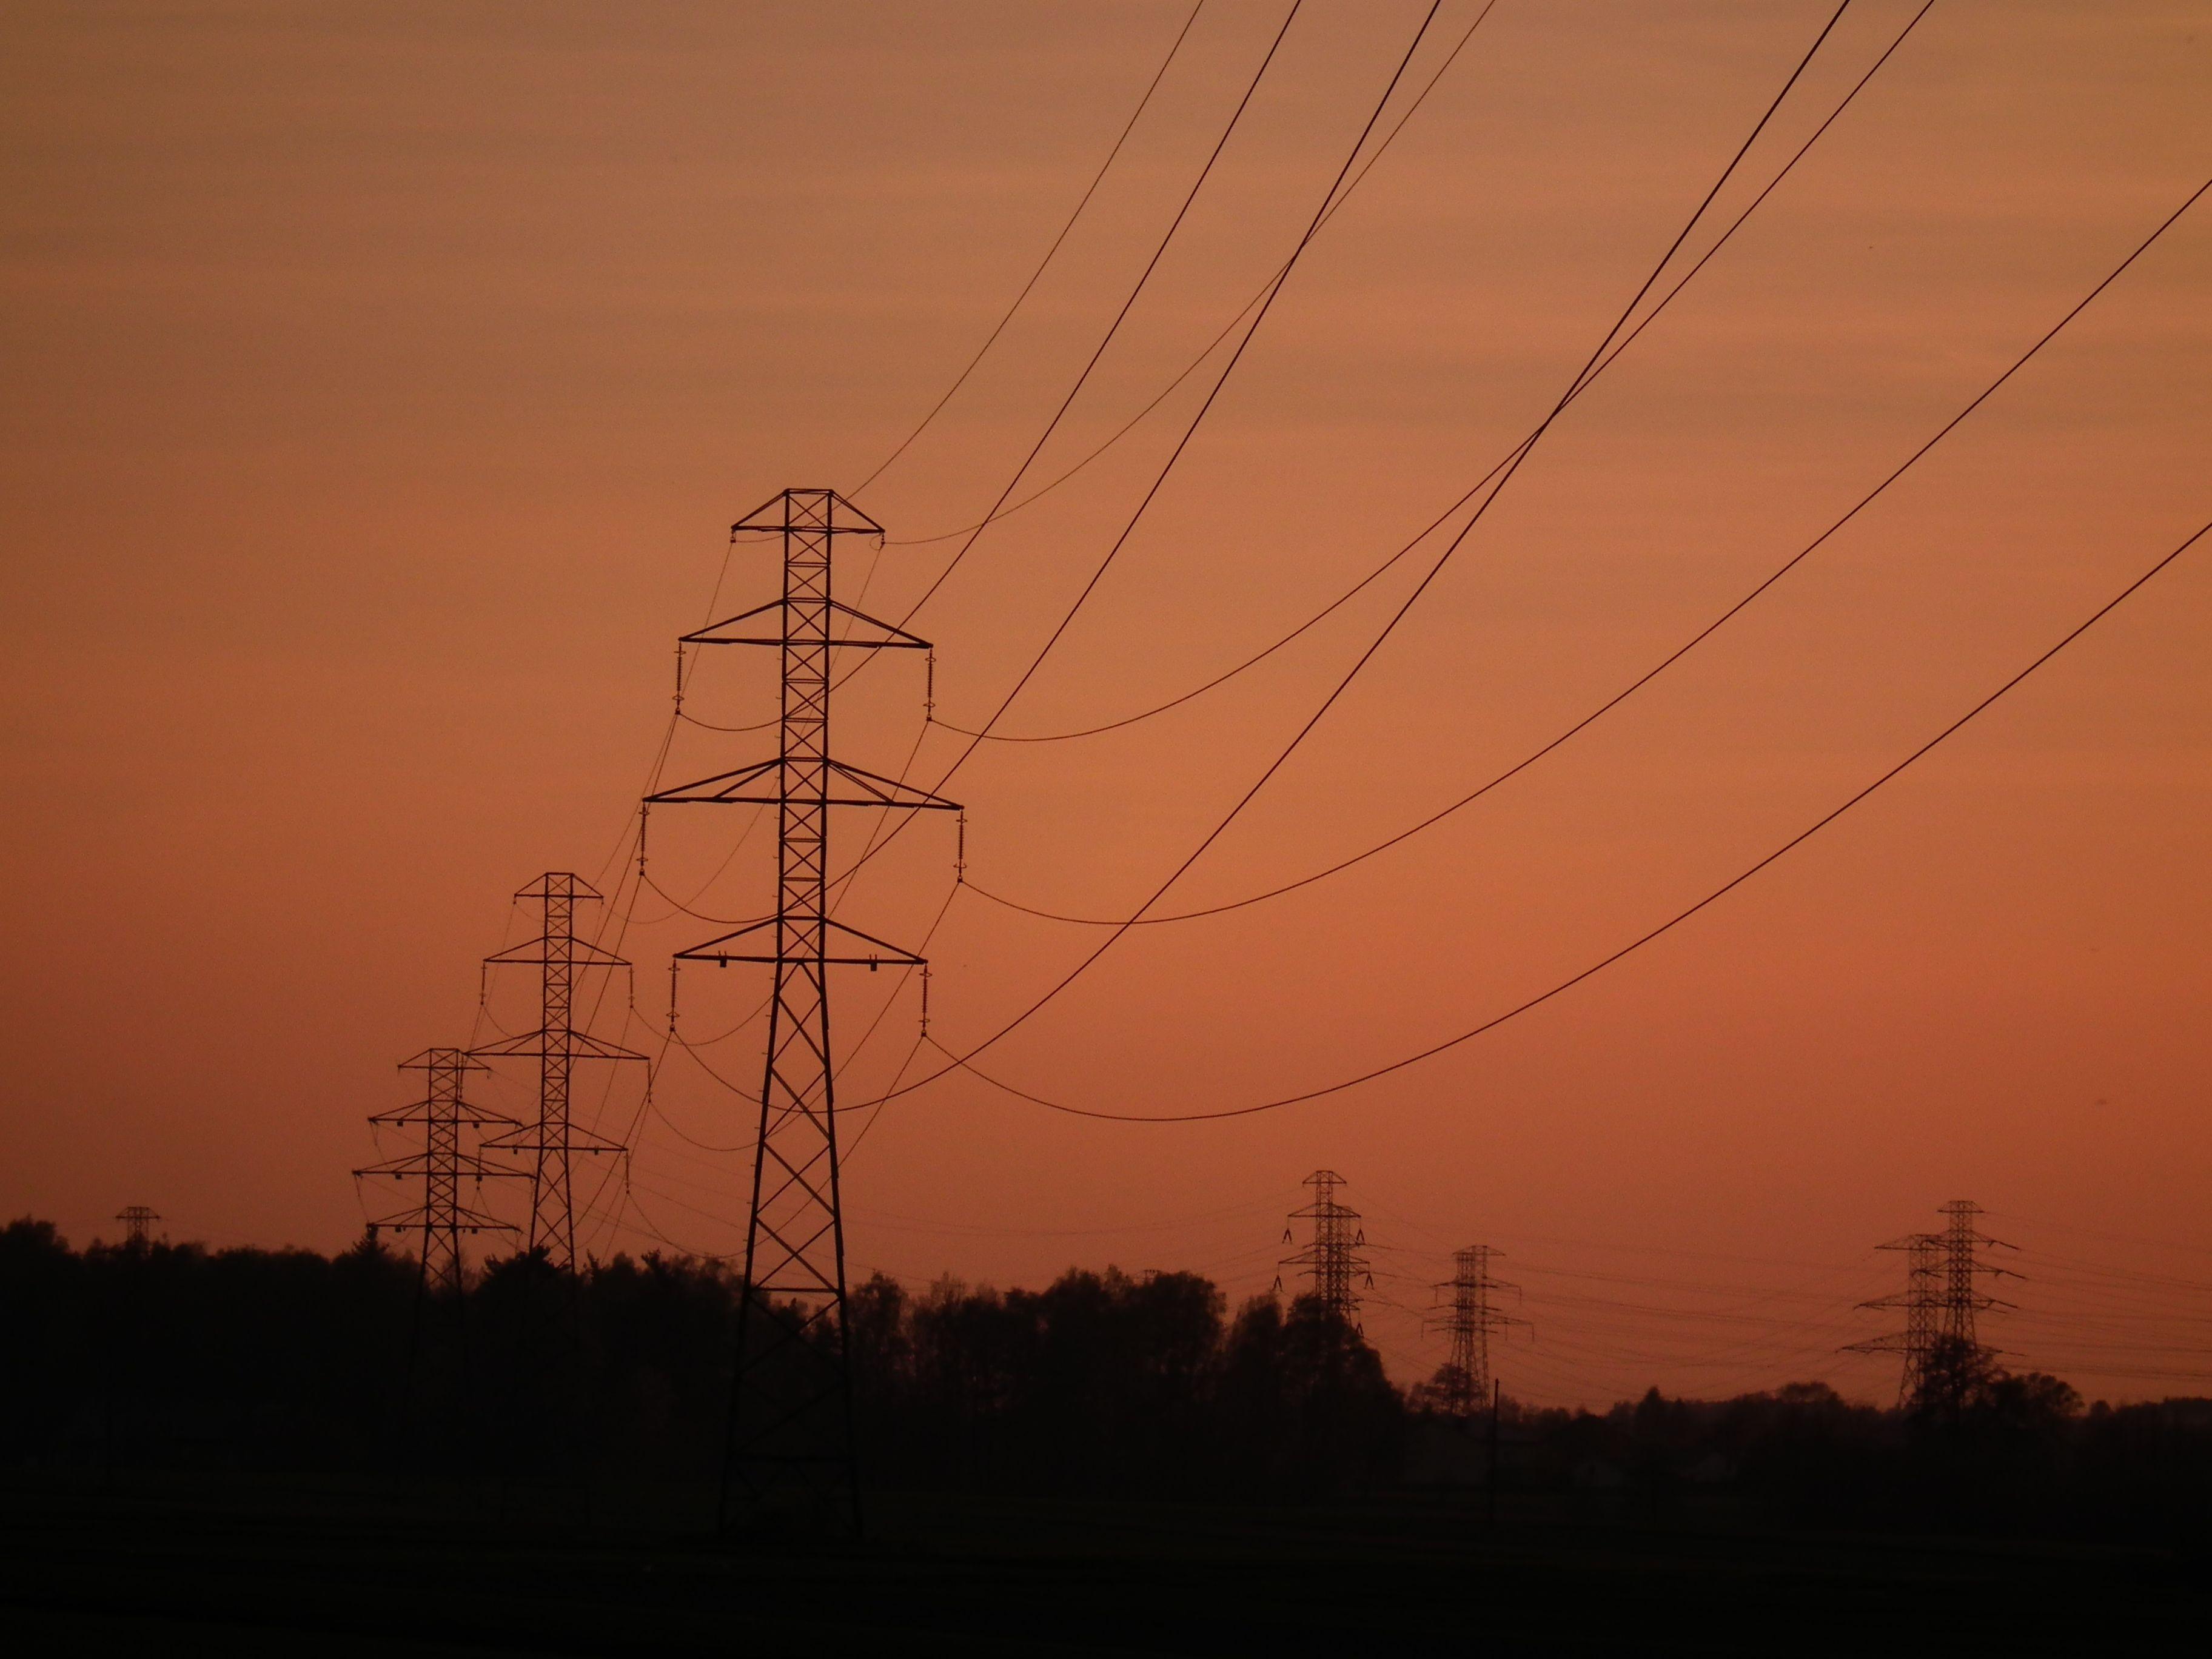 Fotos gratis : puesta de sol, amanecer, oscuridad, noche, línea ...